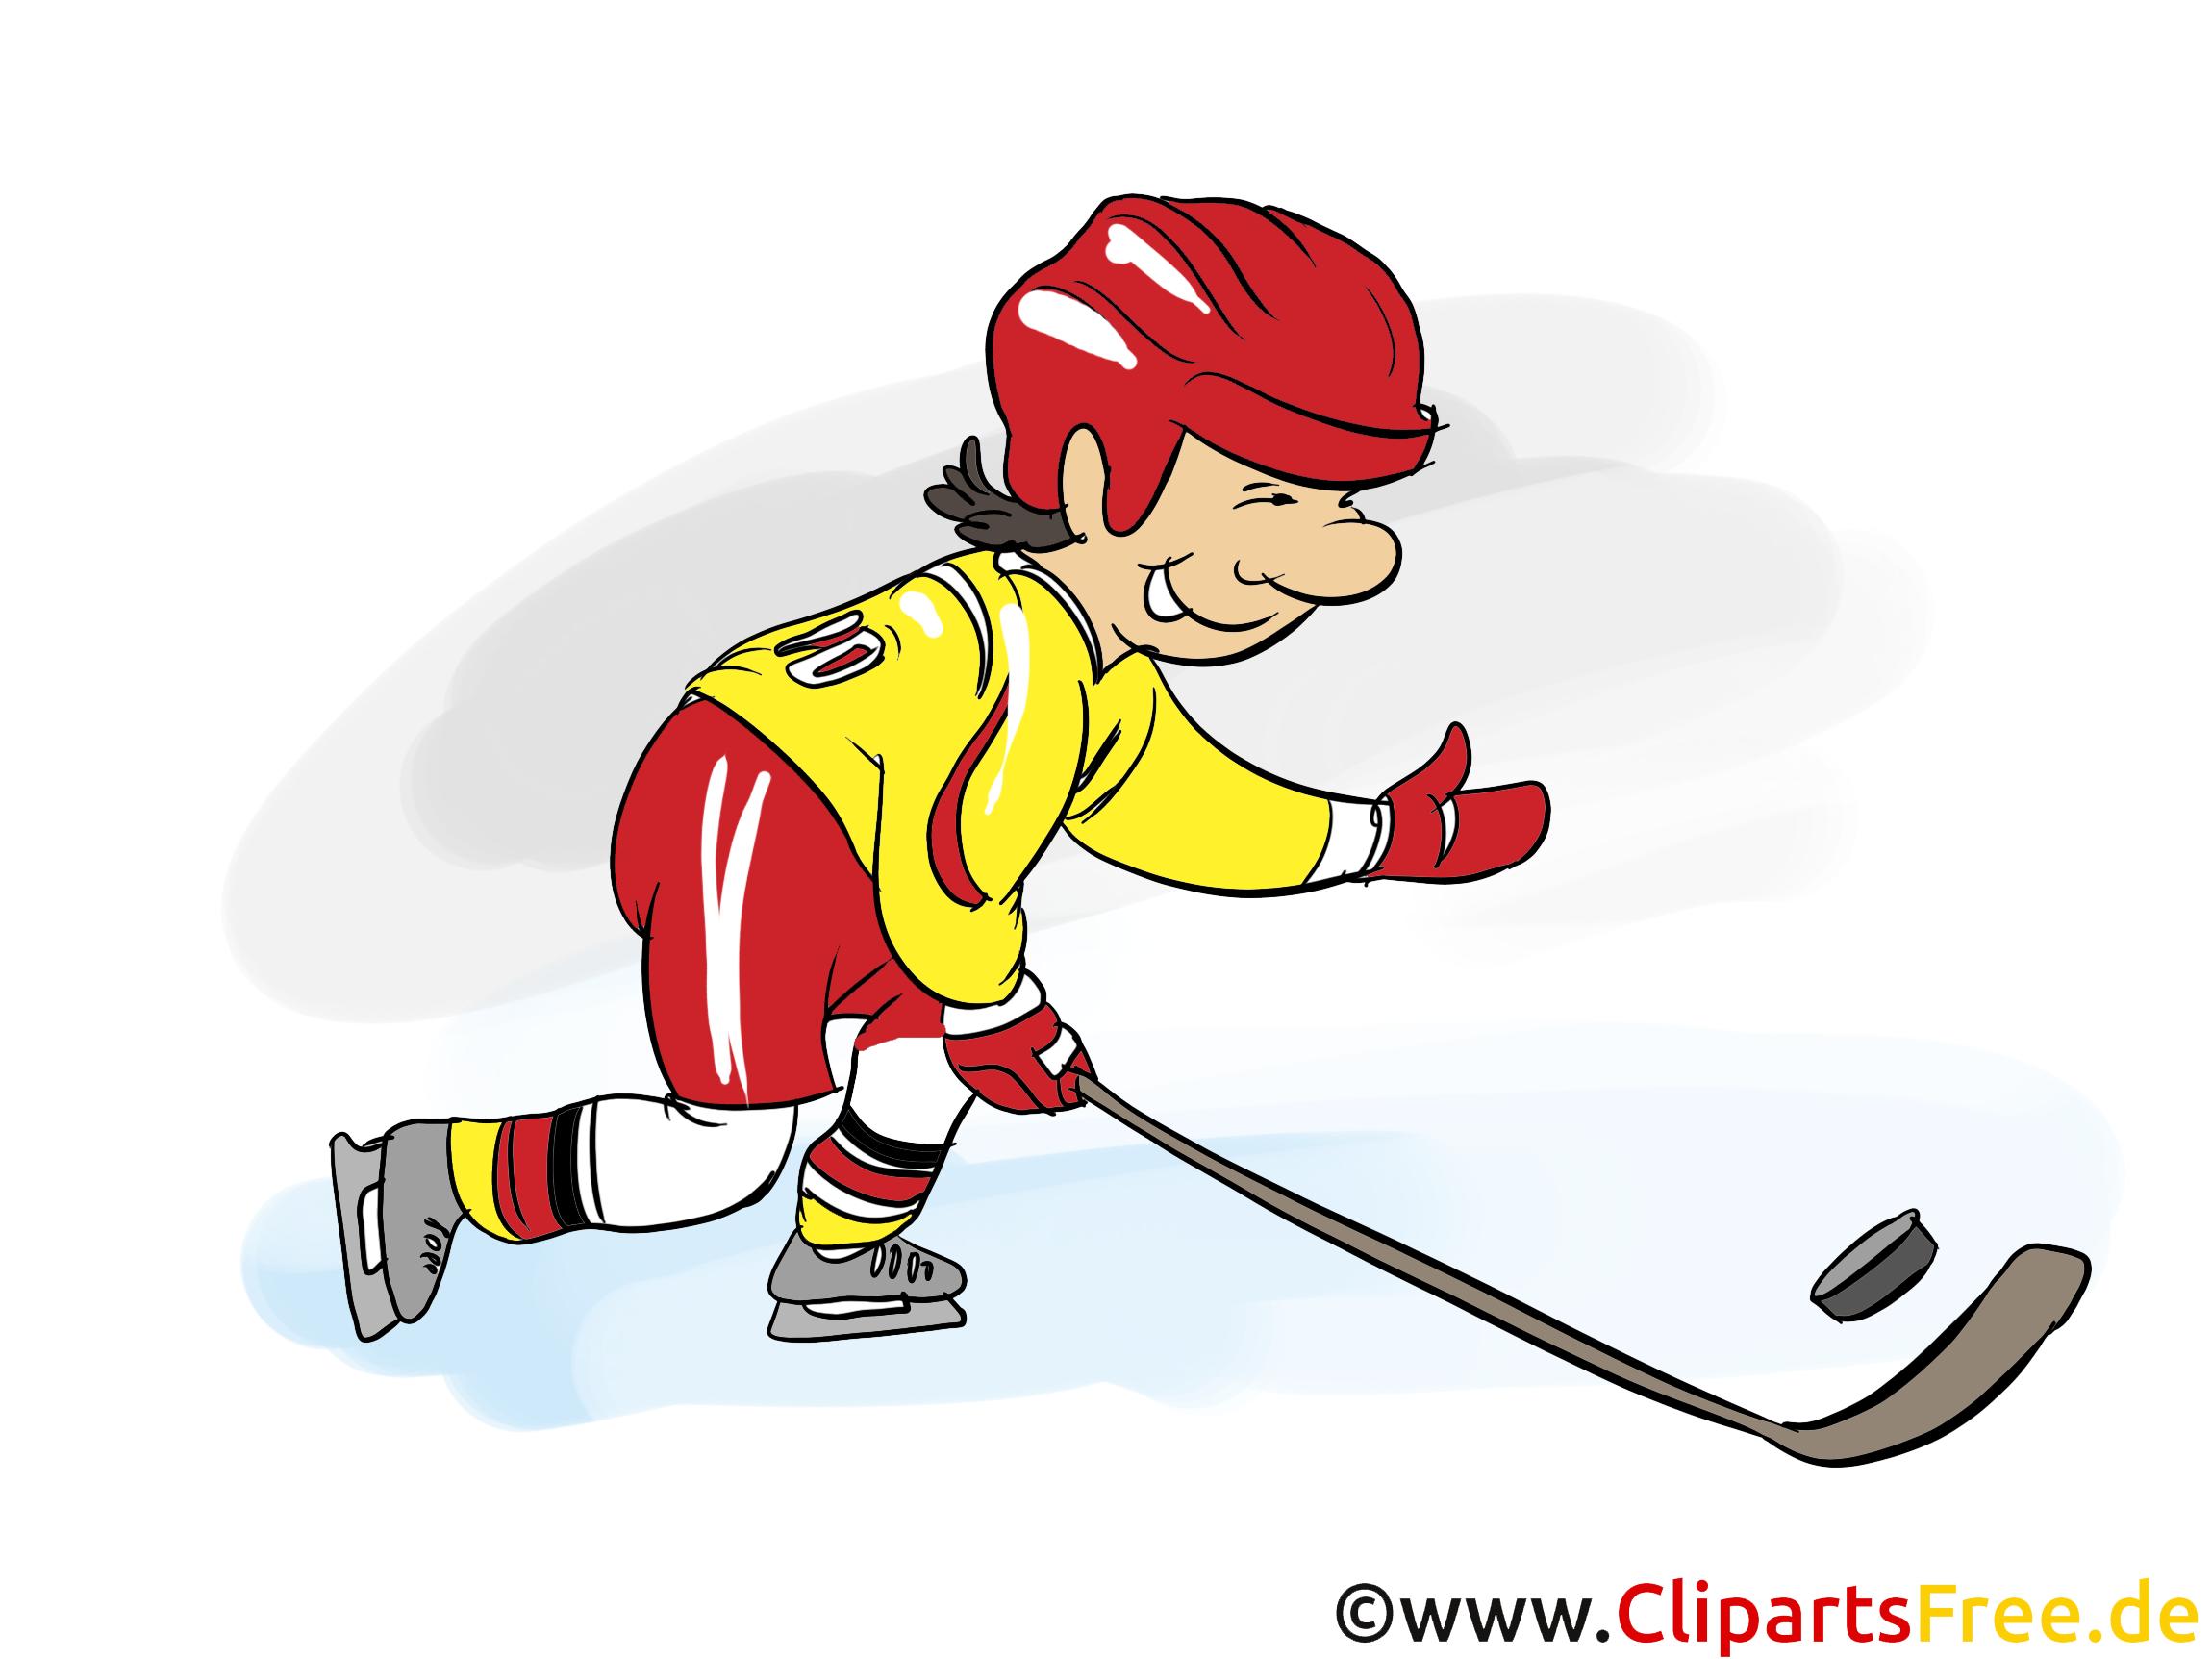 Résultats de recherche d'images pour «bonhomme joueur de hockey»